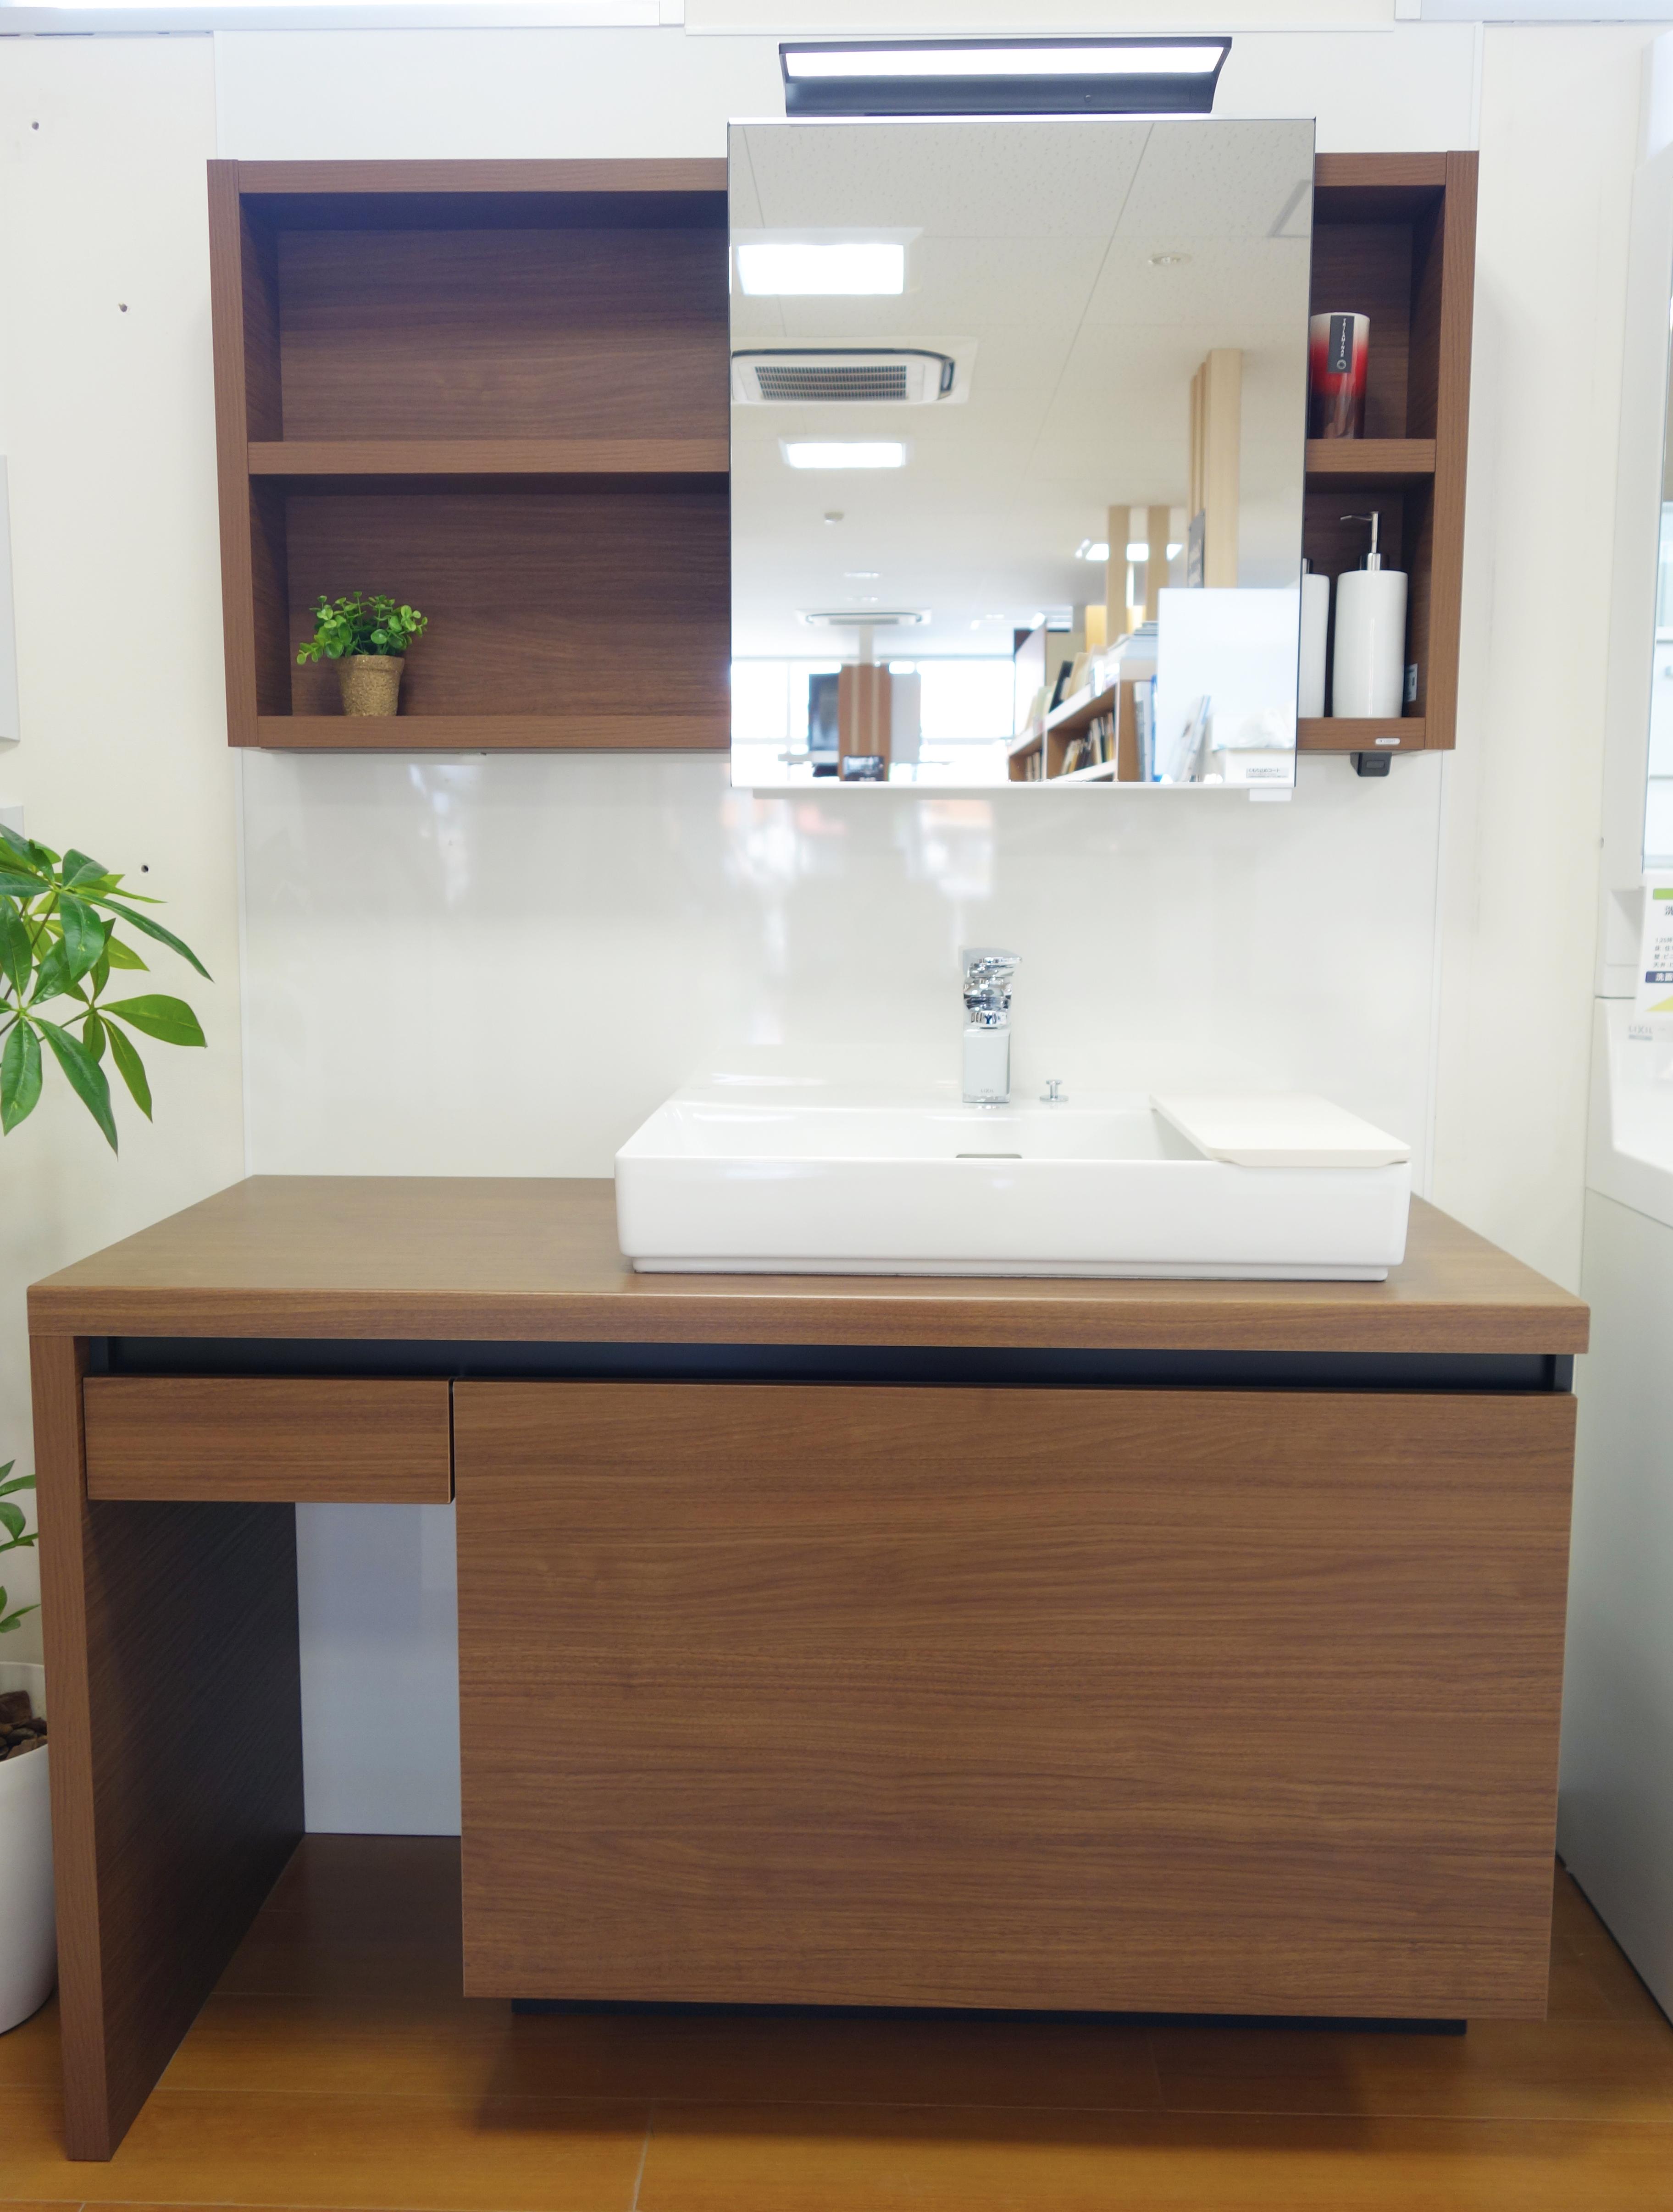 LIXIL】展示品新商品 ~洗面台~ | 岐阜でリフォームと言えば